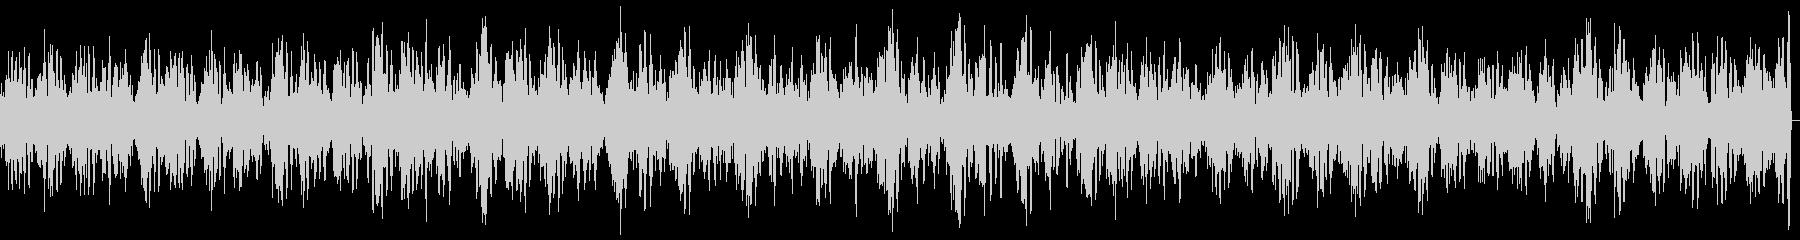 バイクのアイドリング(自動二輪の重低音)の未再生の波形